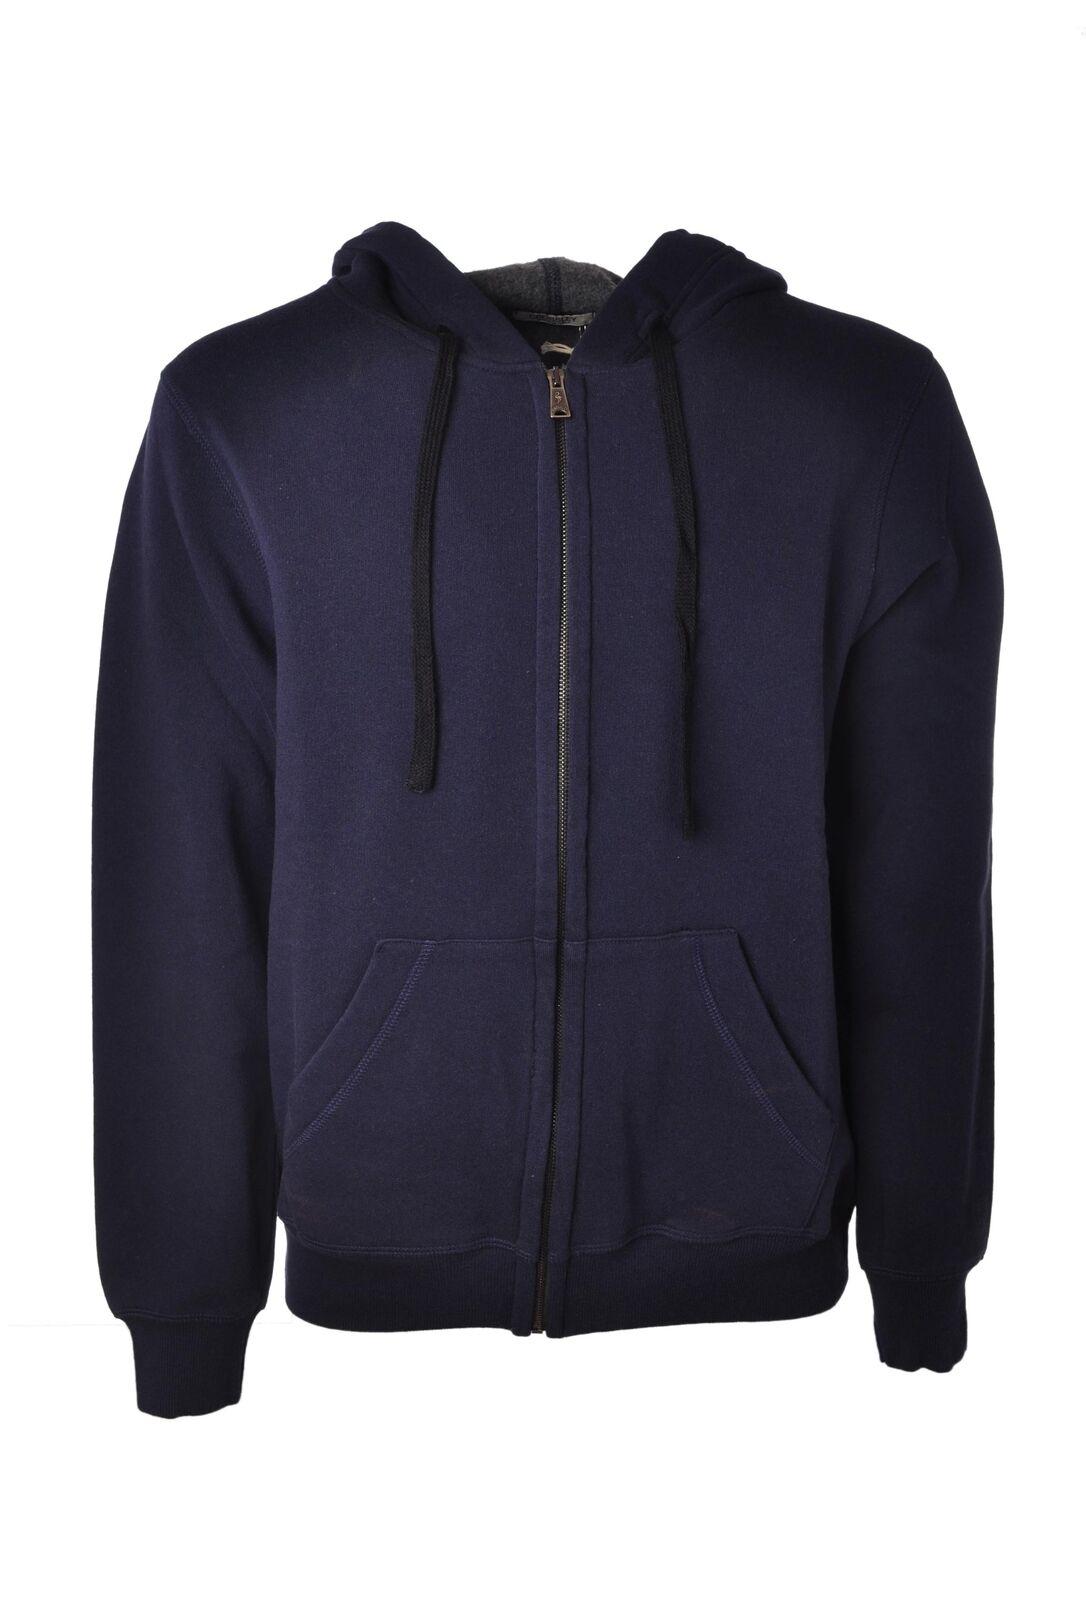 CROSSLEY - Knitwear-Sweaters - Man - Blau - 4087923C183612